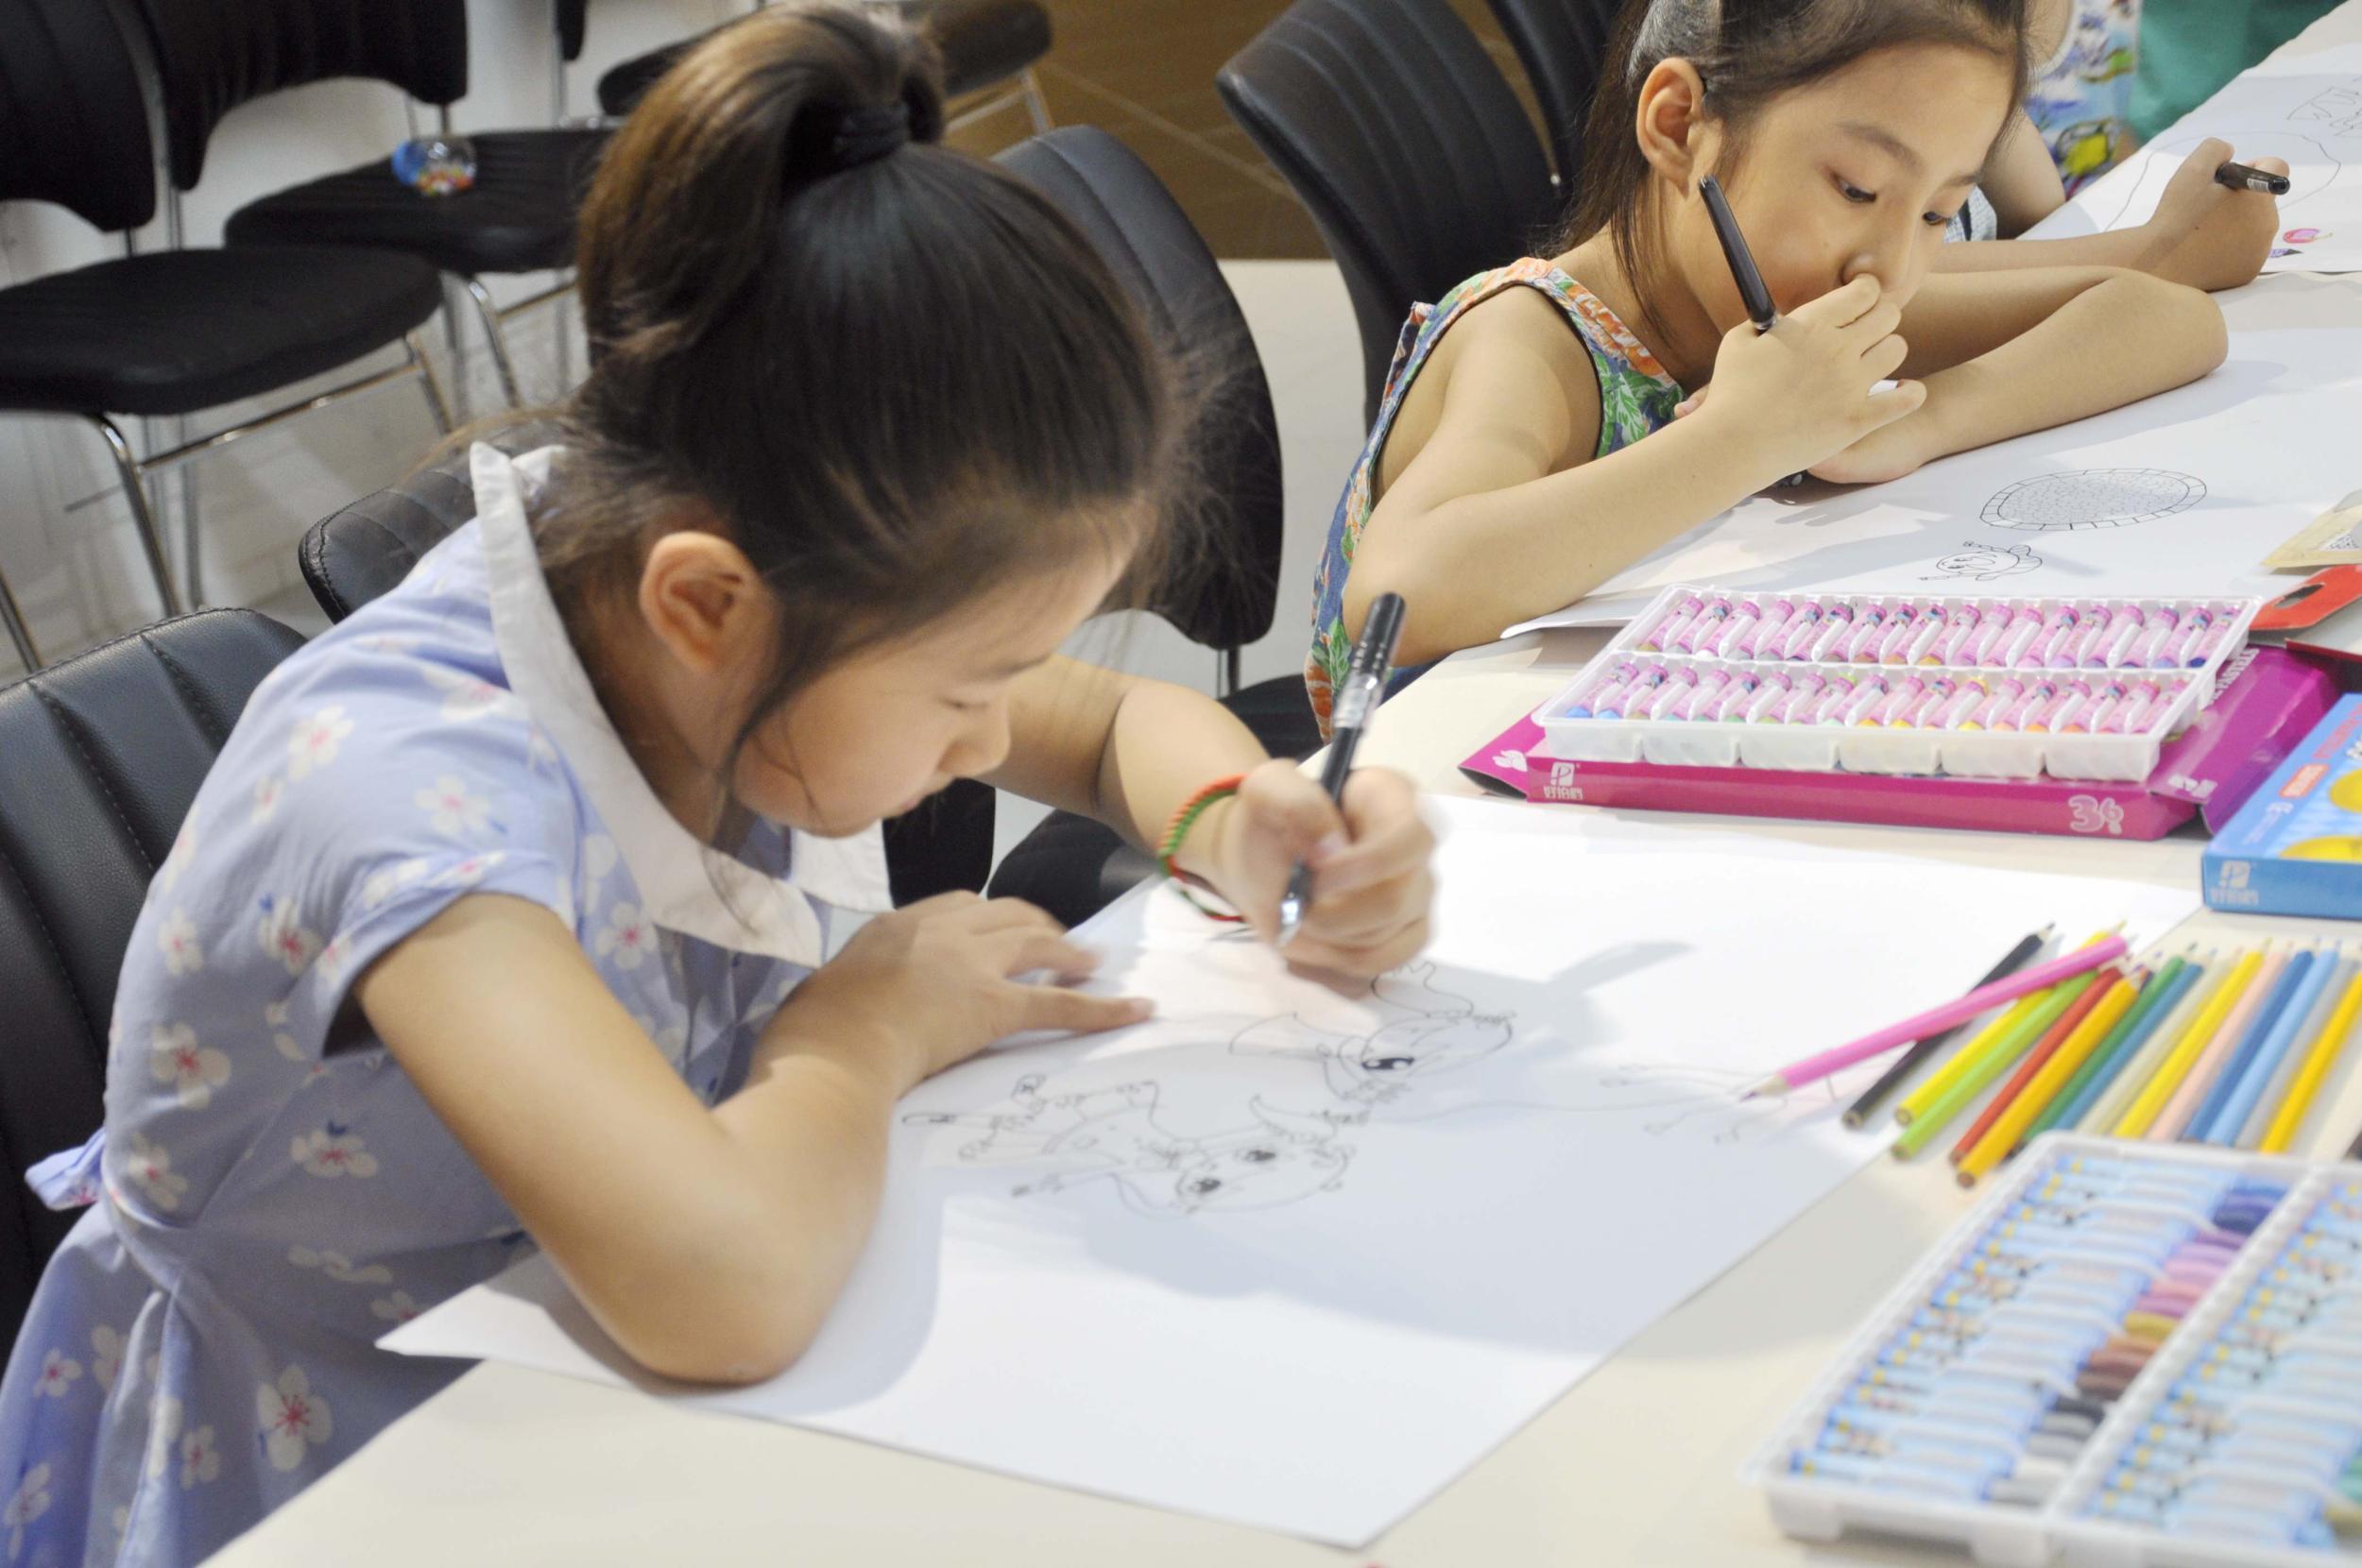 烟台美术博物馆儿童简笔画亲子活动成功举办